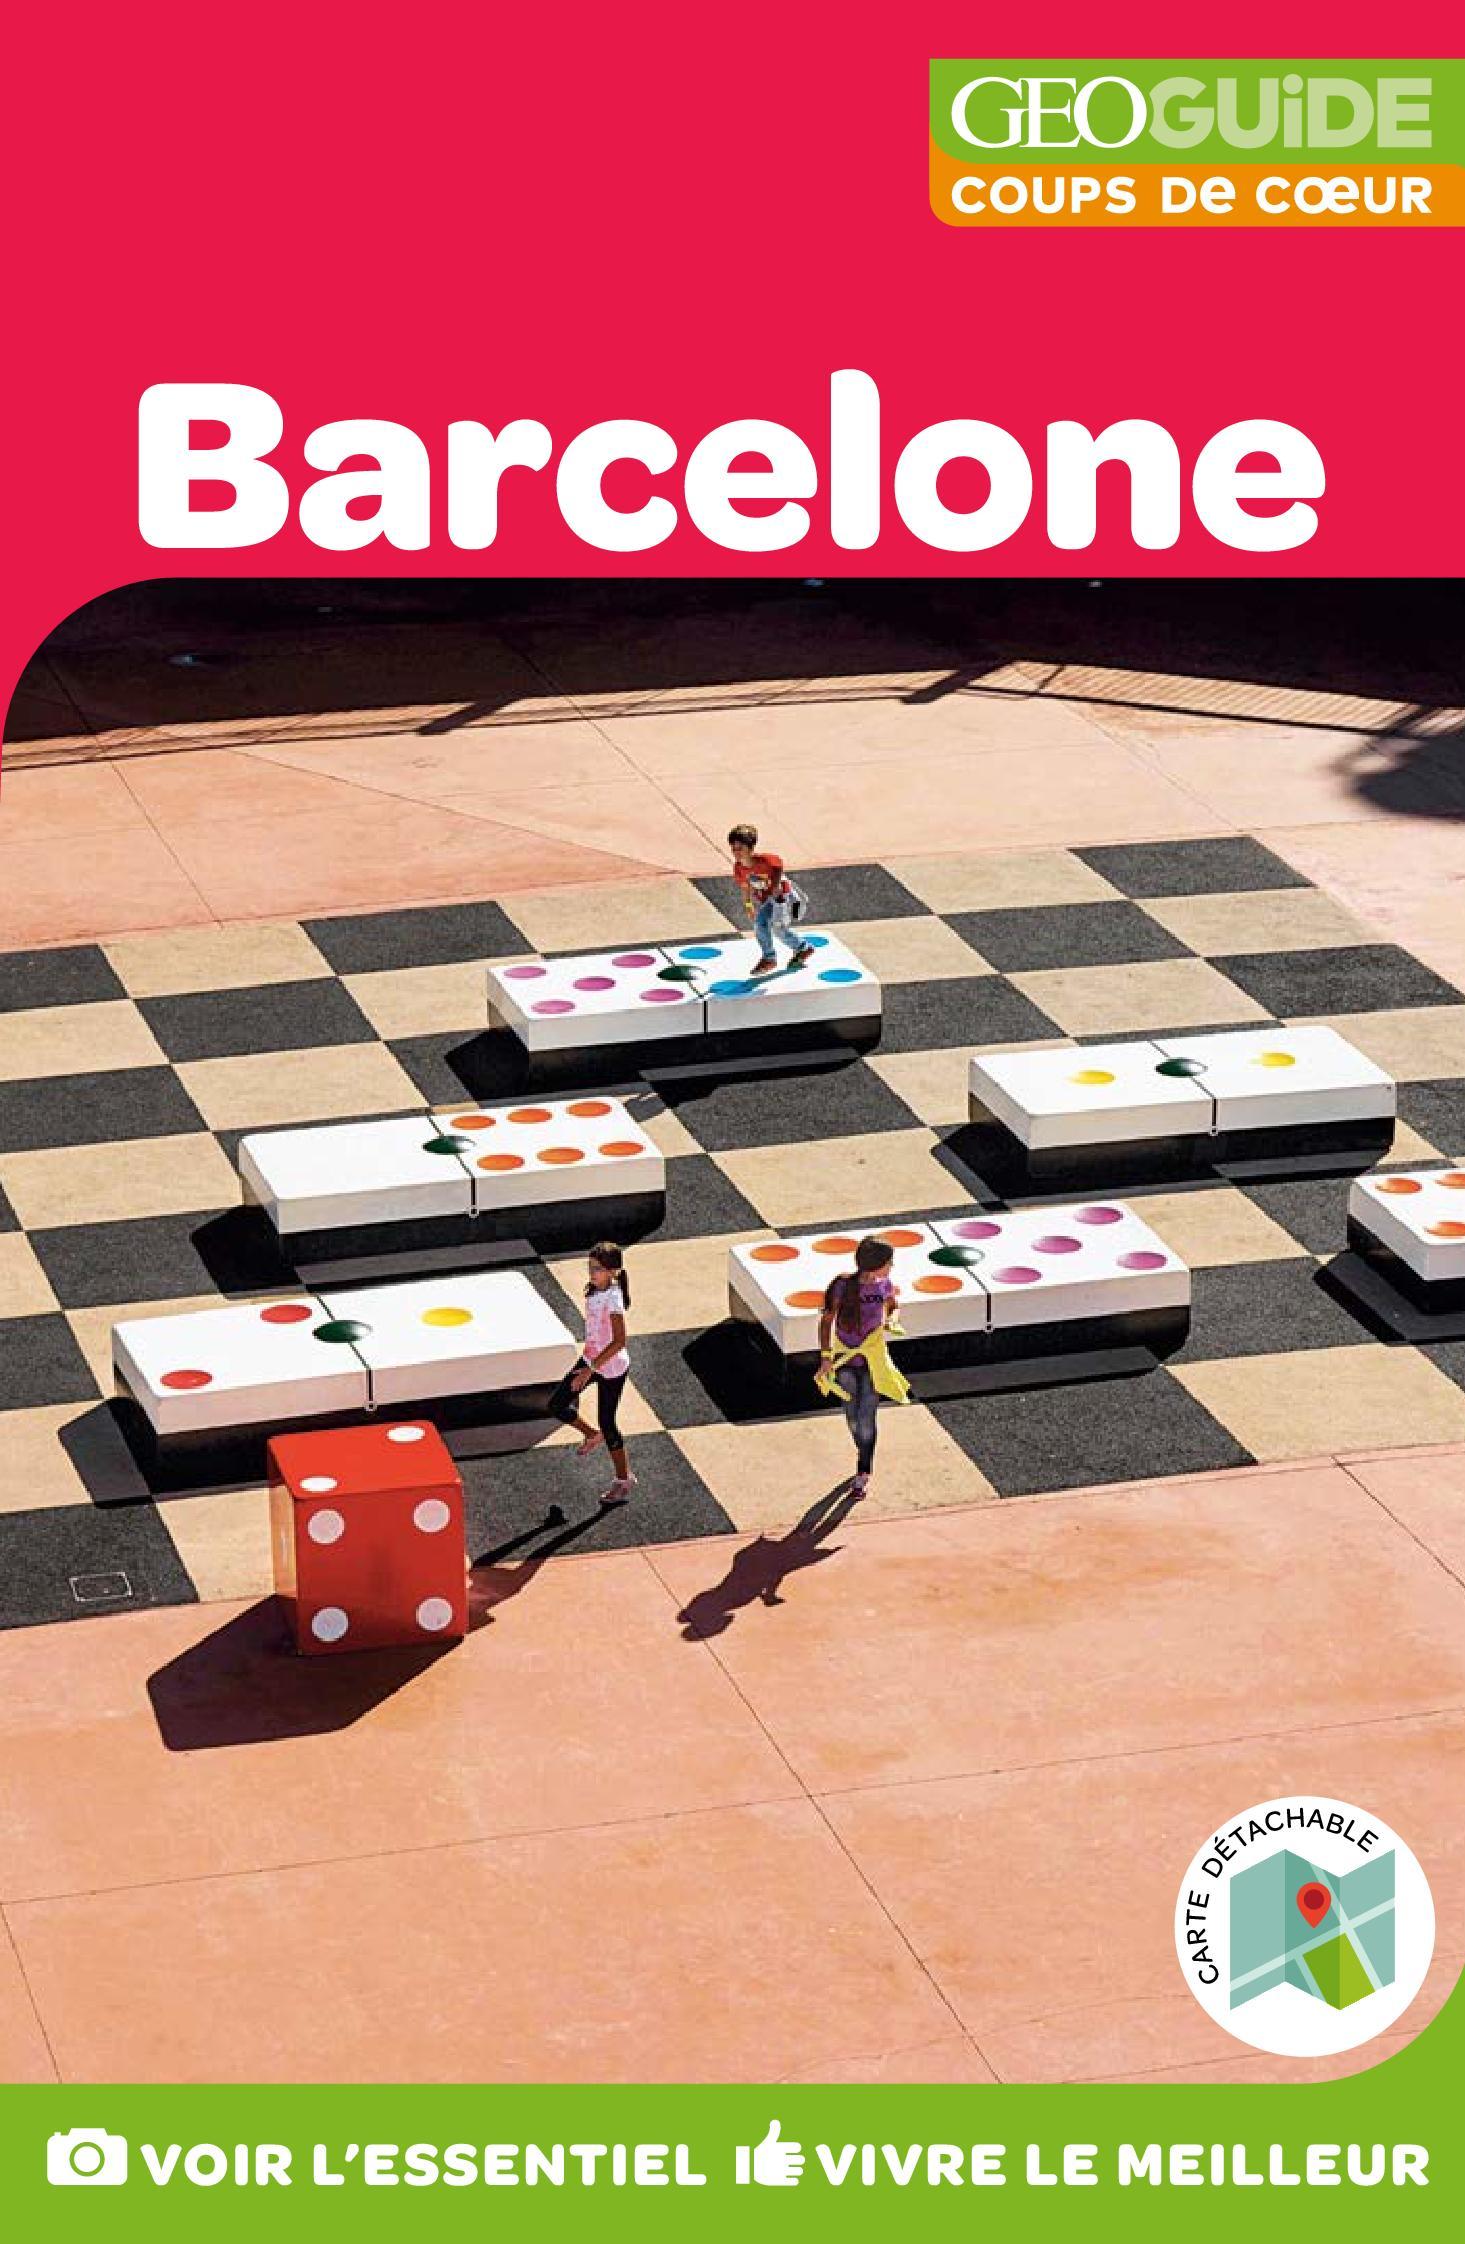 GEOguide Coups de coeur Barcelone | Collectif,